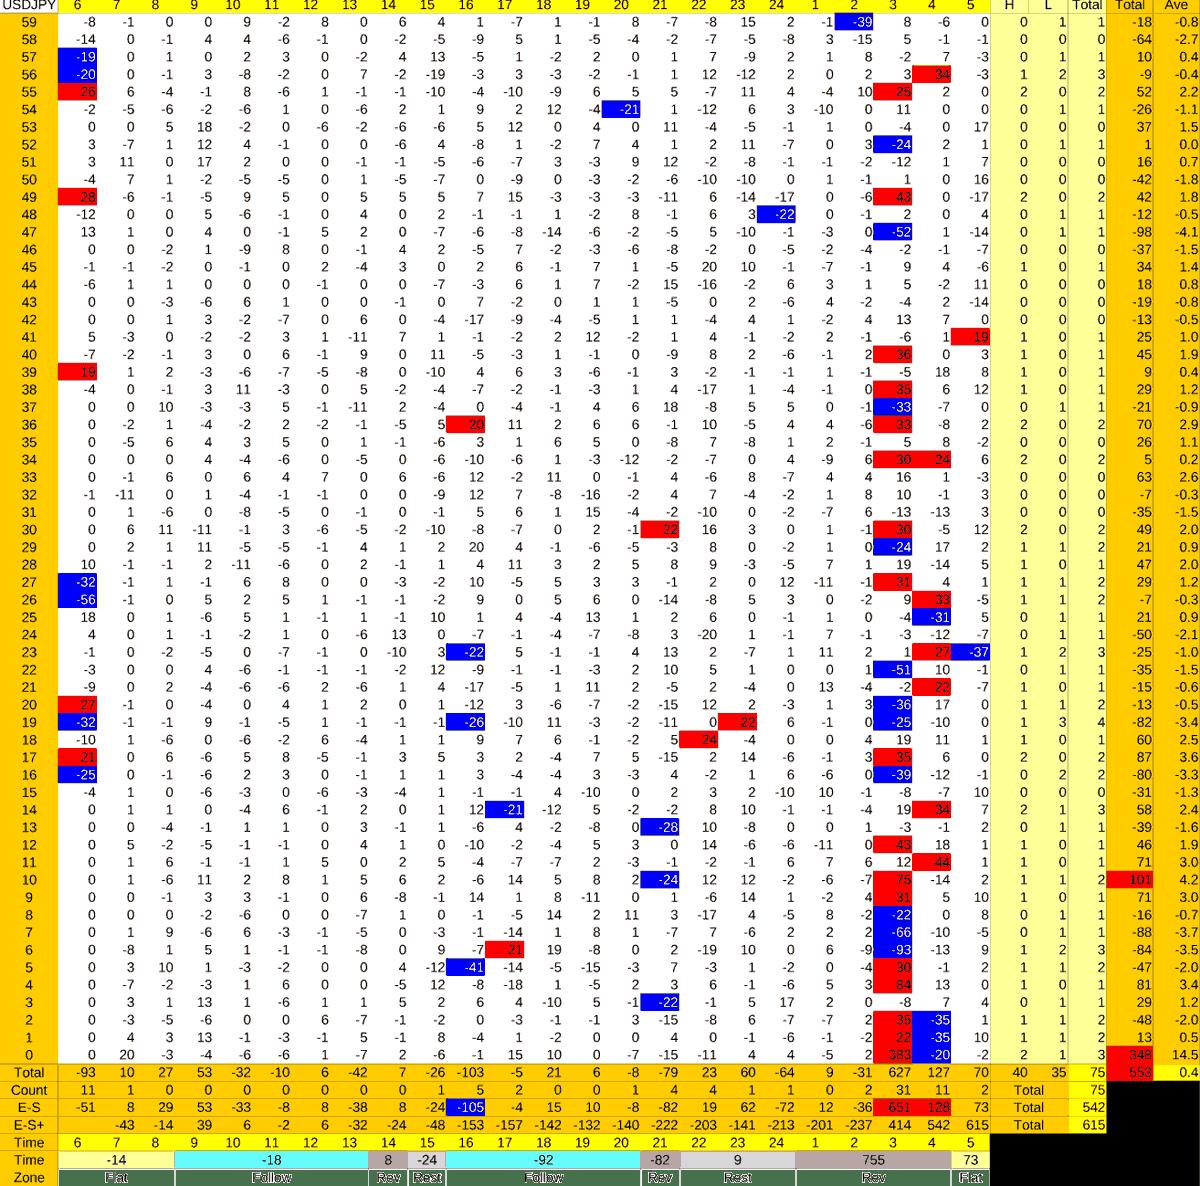 20210616_HS(1)USDJPY